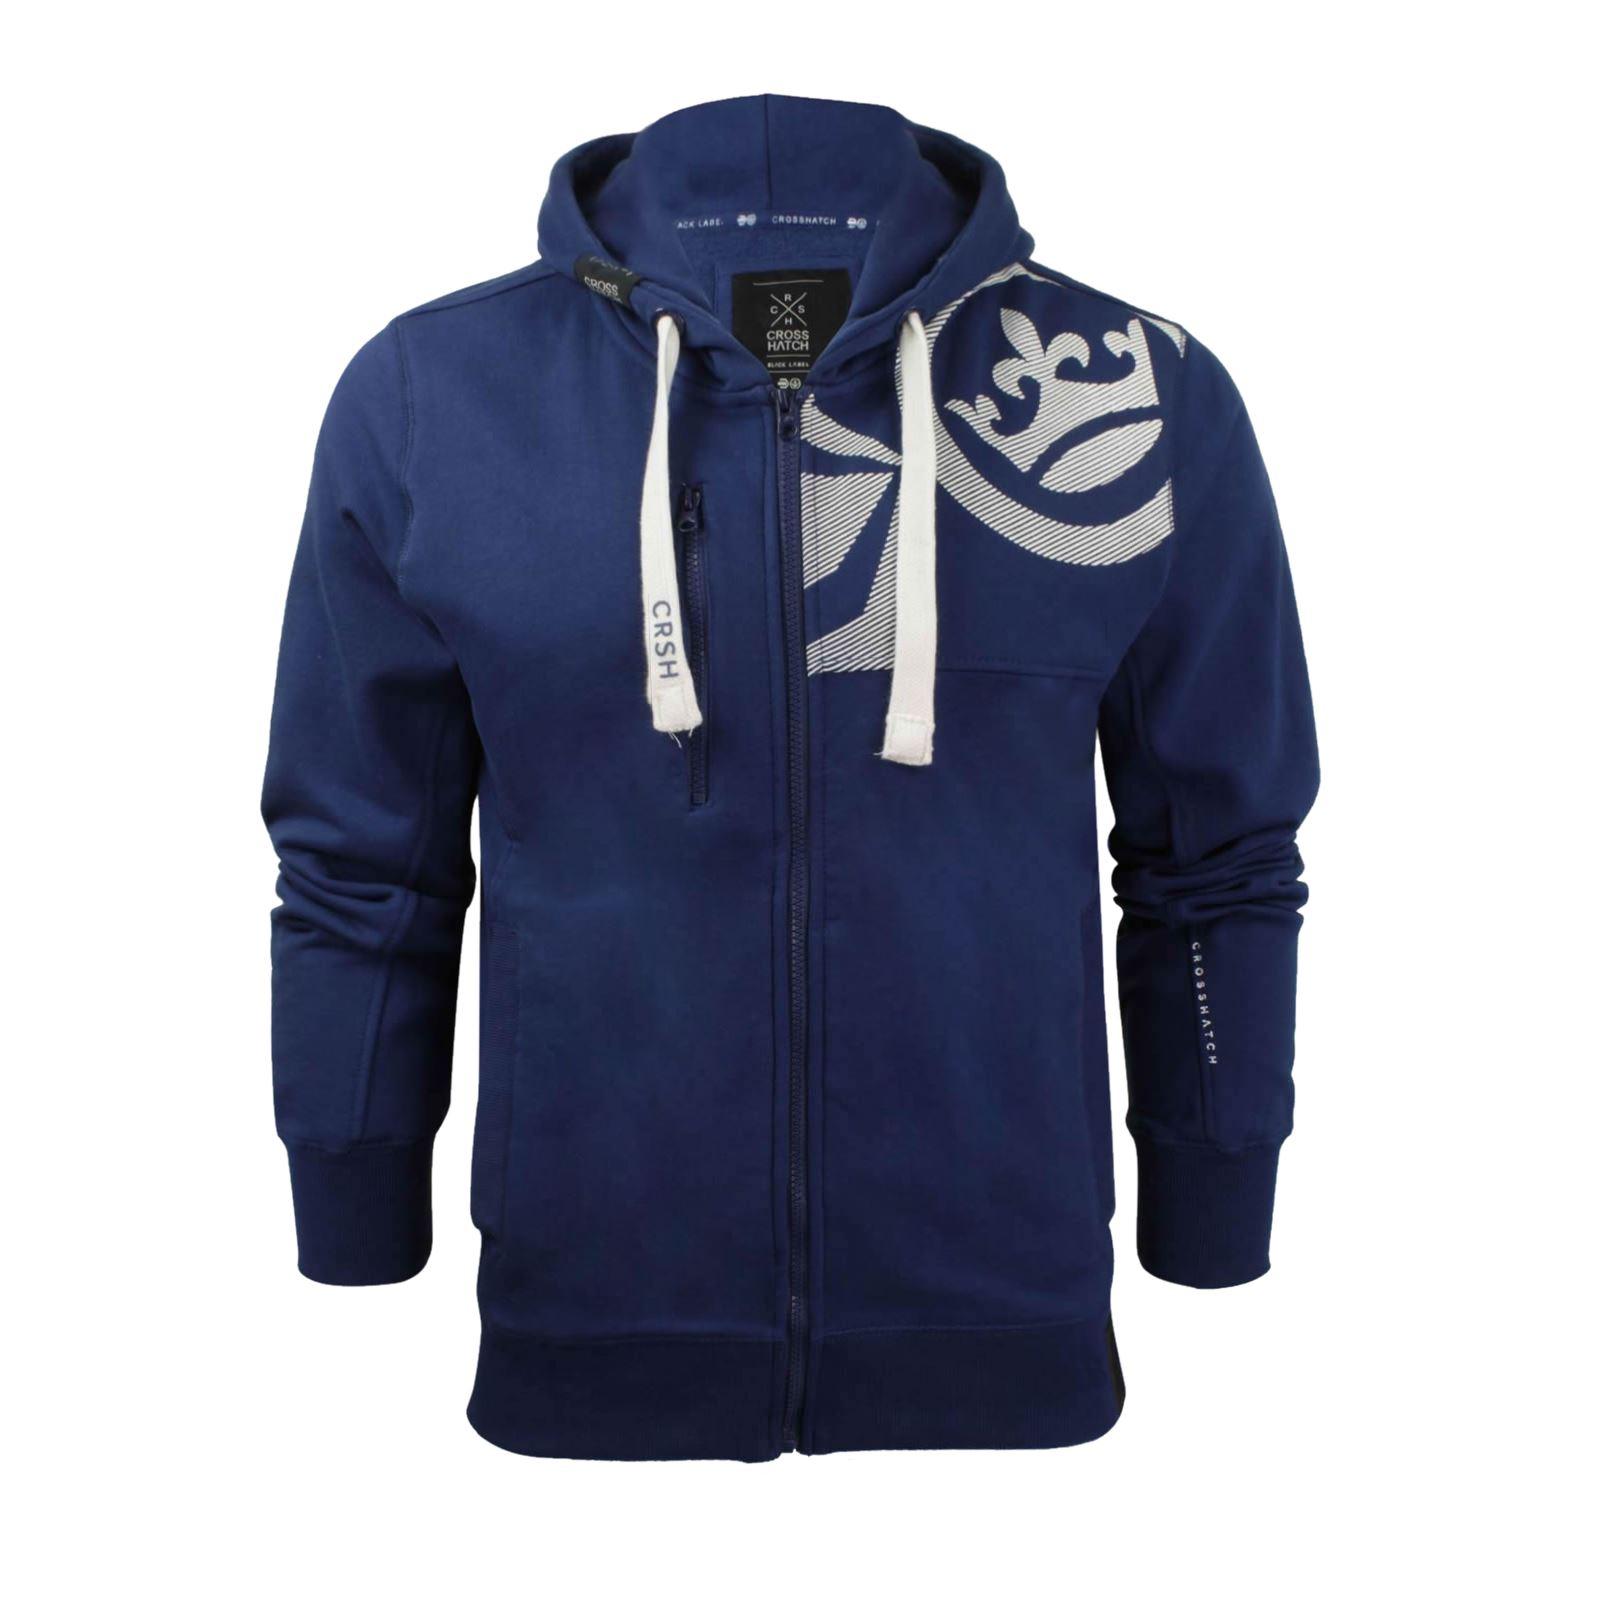 Mens-Hoodie-Crosshatch-Ribbler-Zip-Up-Hooded-Jacket-Pullover-Jumper-Sweatershirt thumbnail 26